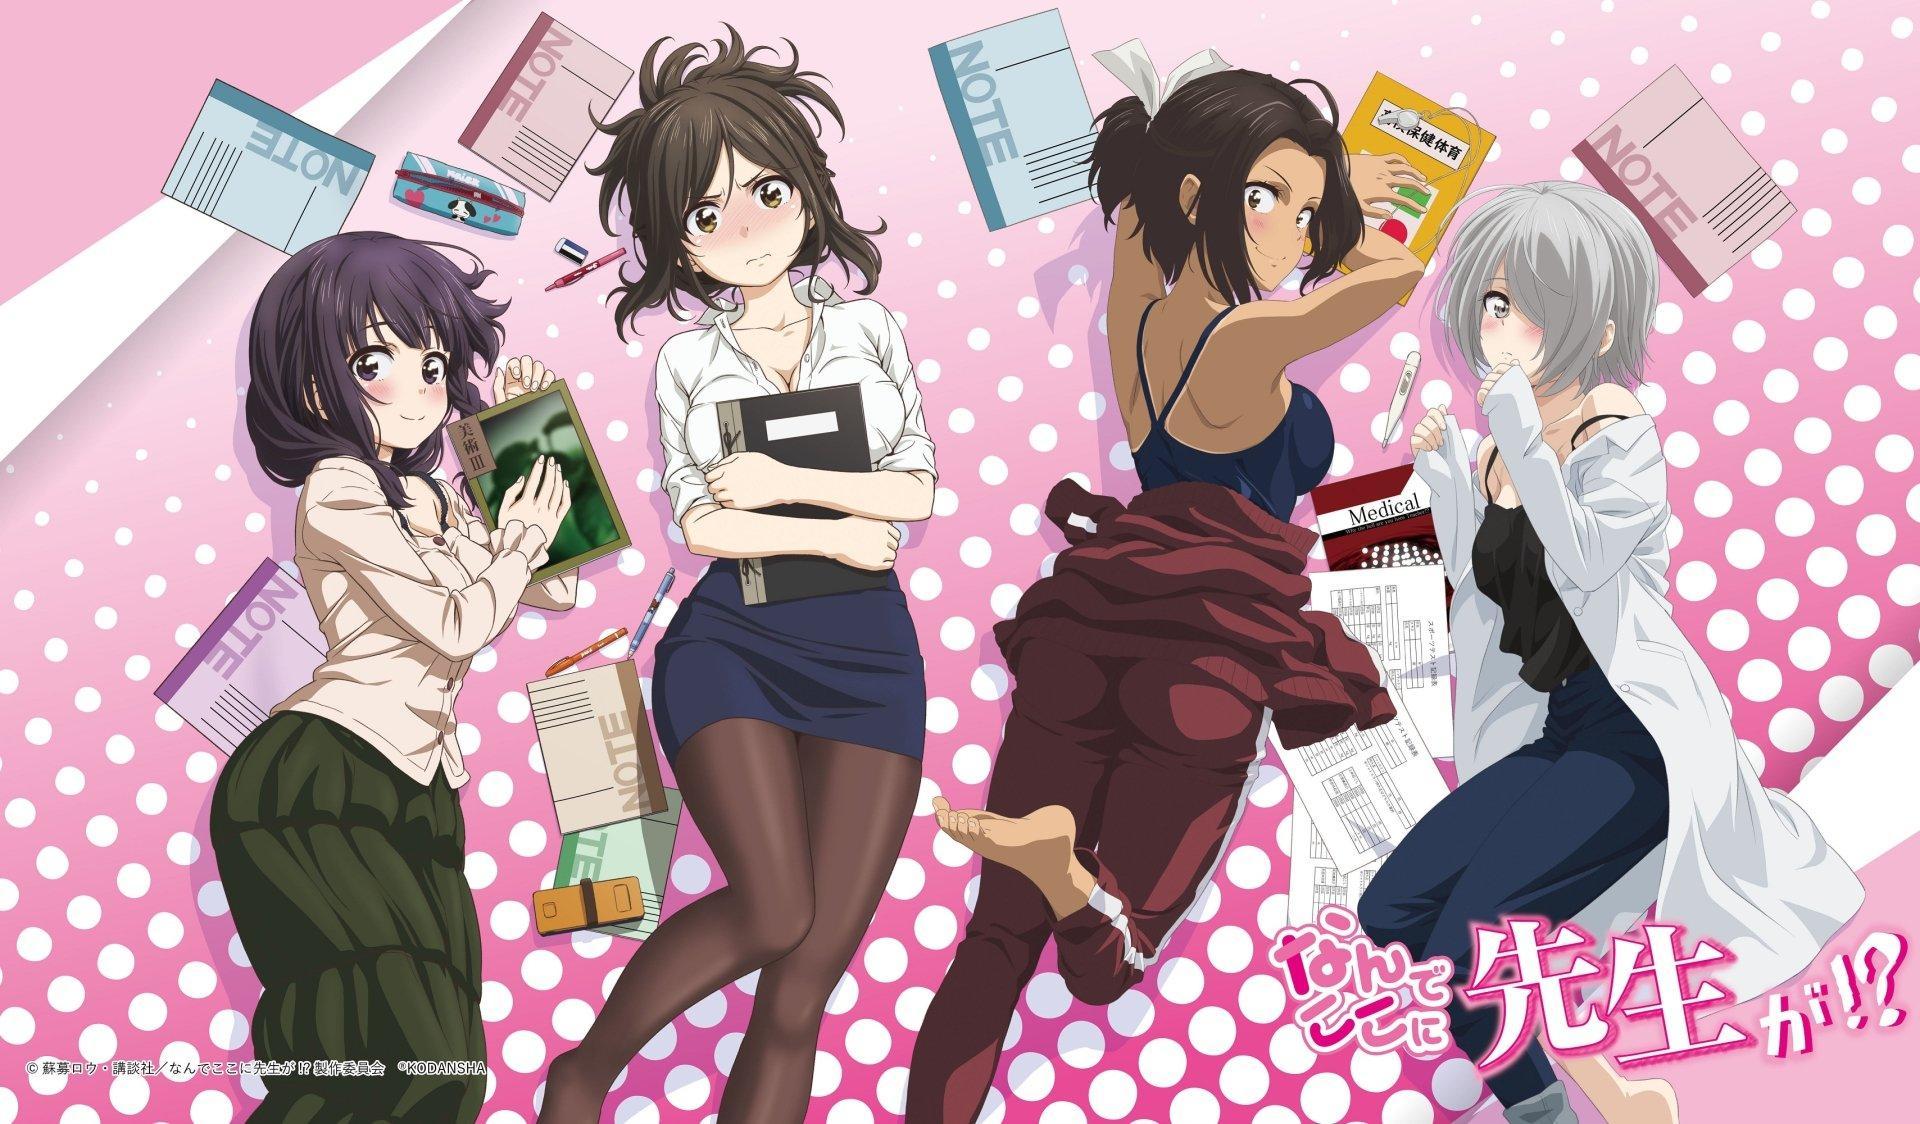 Sensei ecchi anime like ishuzoku reviewers, Why the Hell Are You Here, Teacher